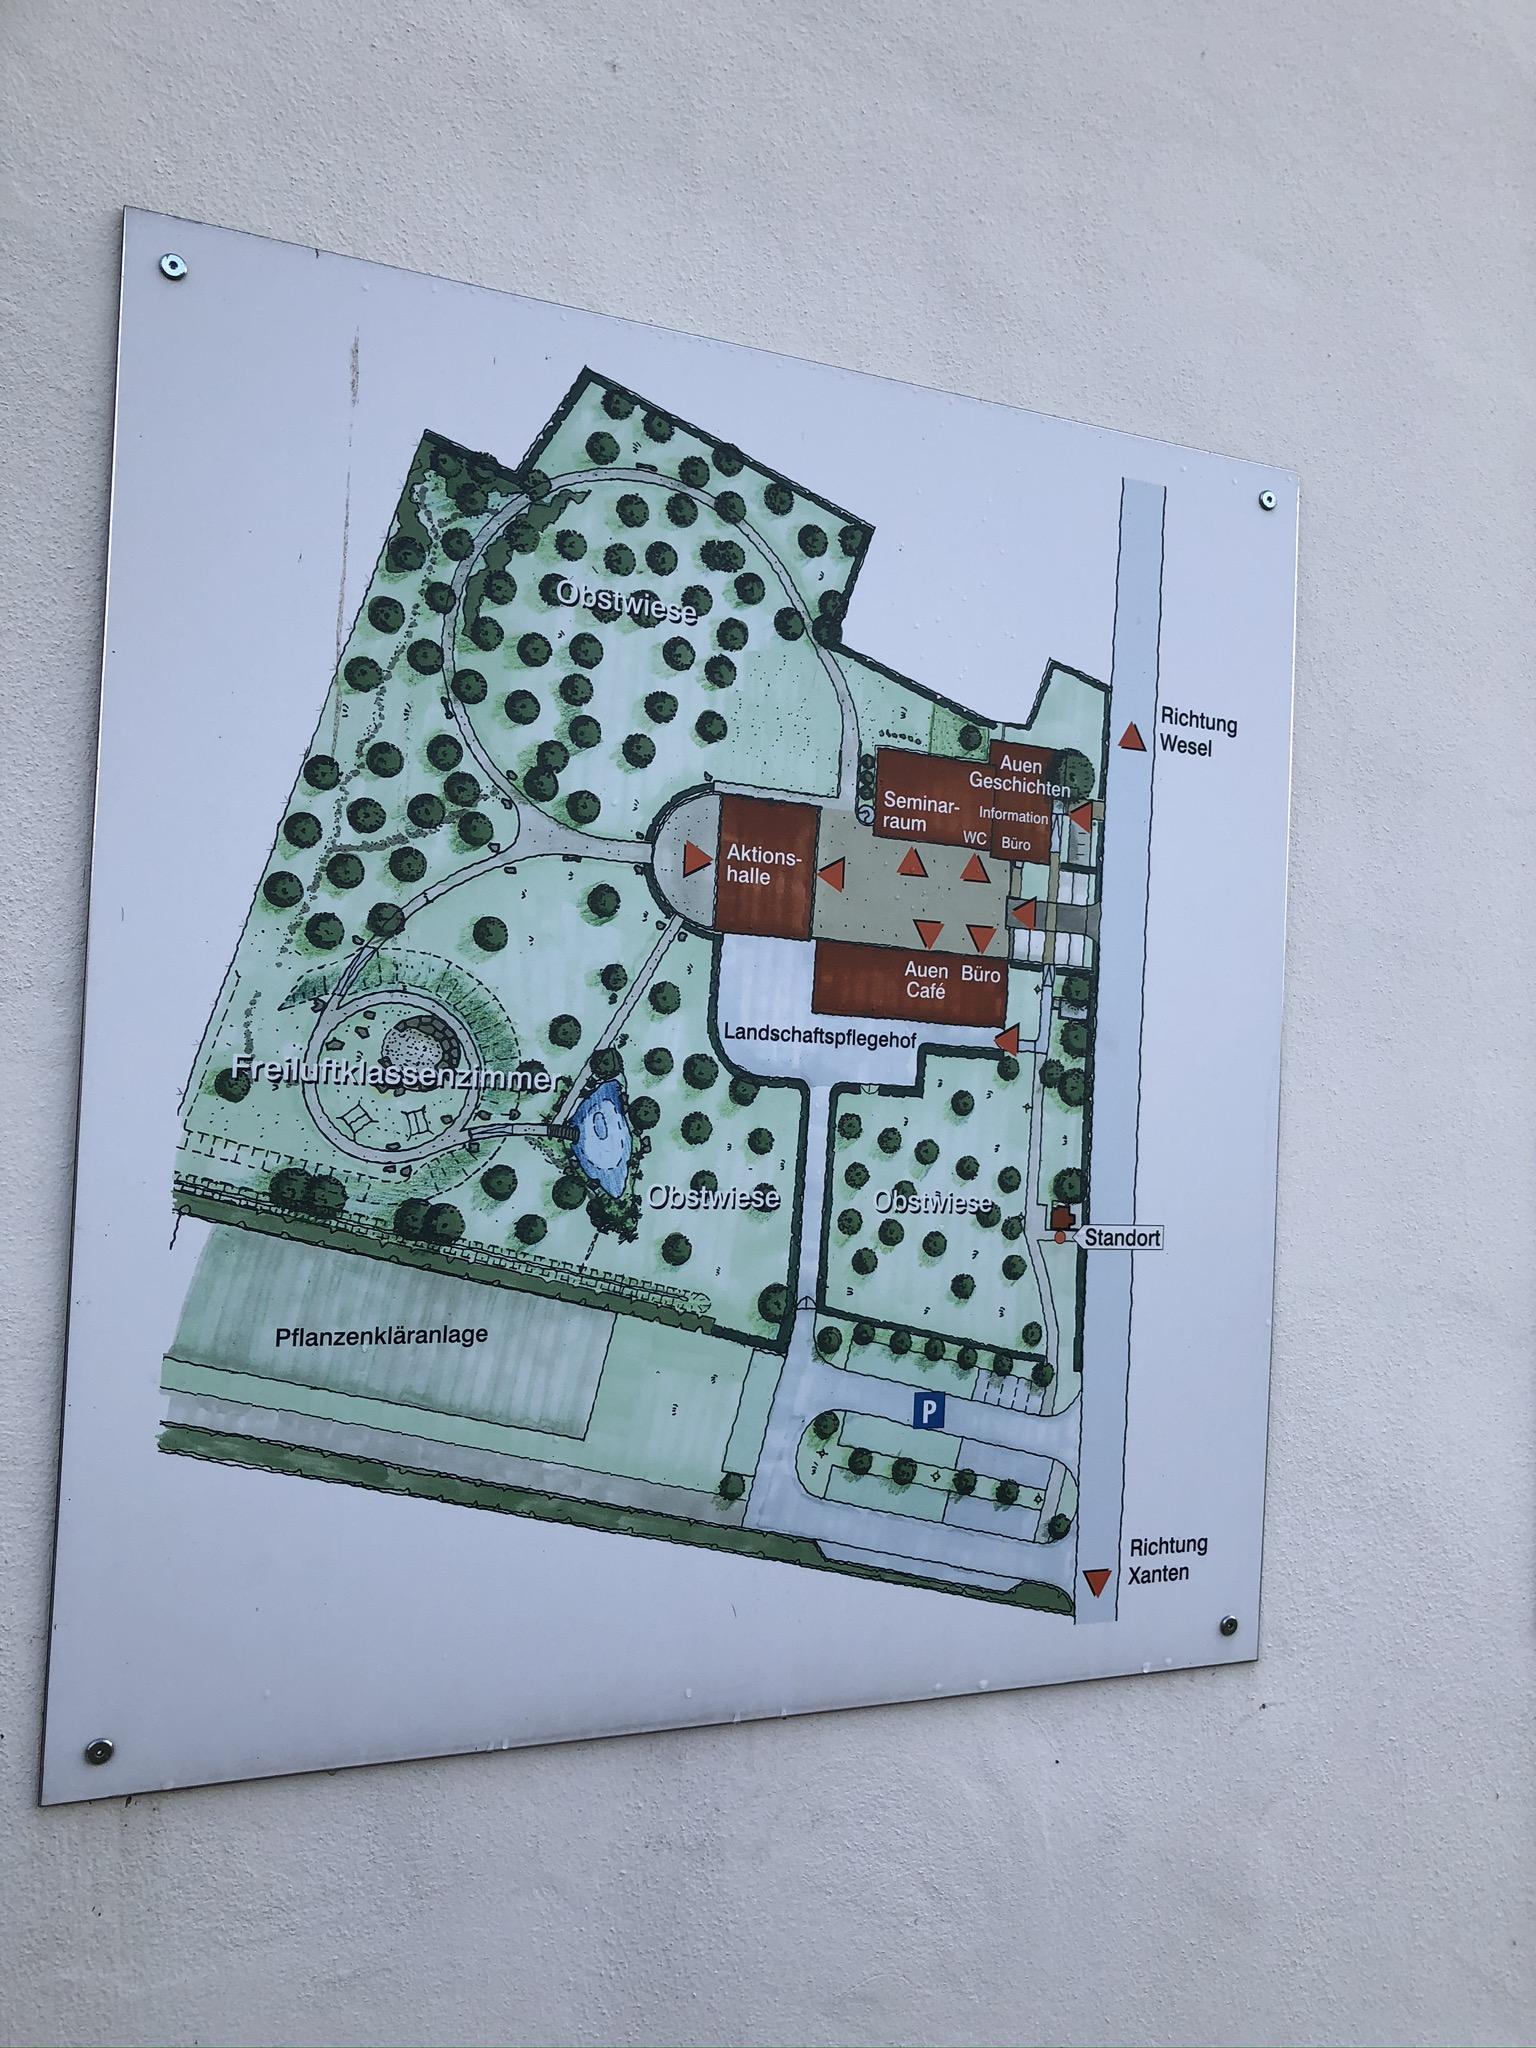 Übersichtskarte des RVR Naturform Bislicher Insel in Xanten im Ruhrgebiet